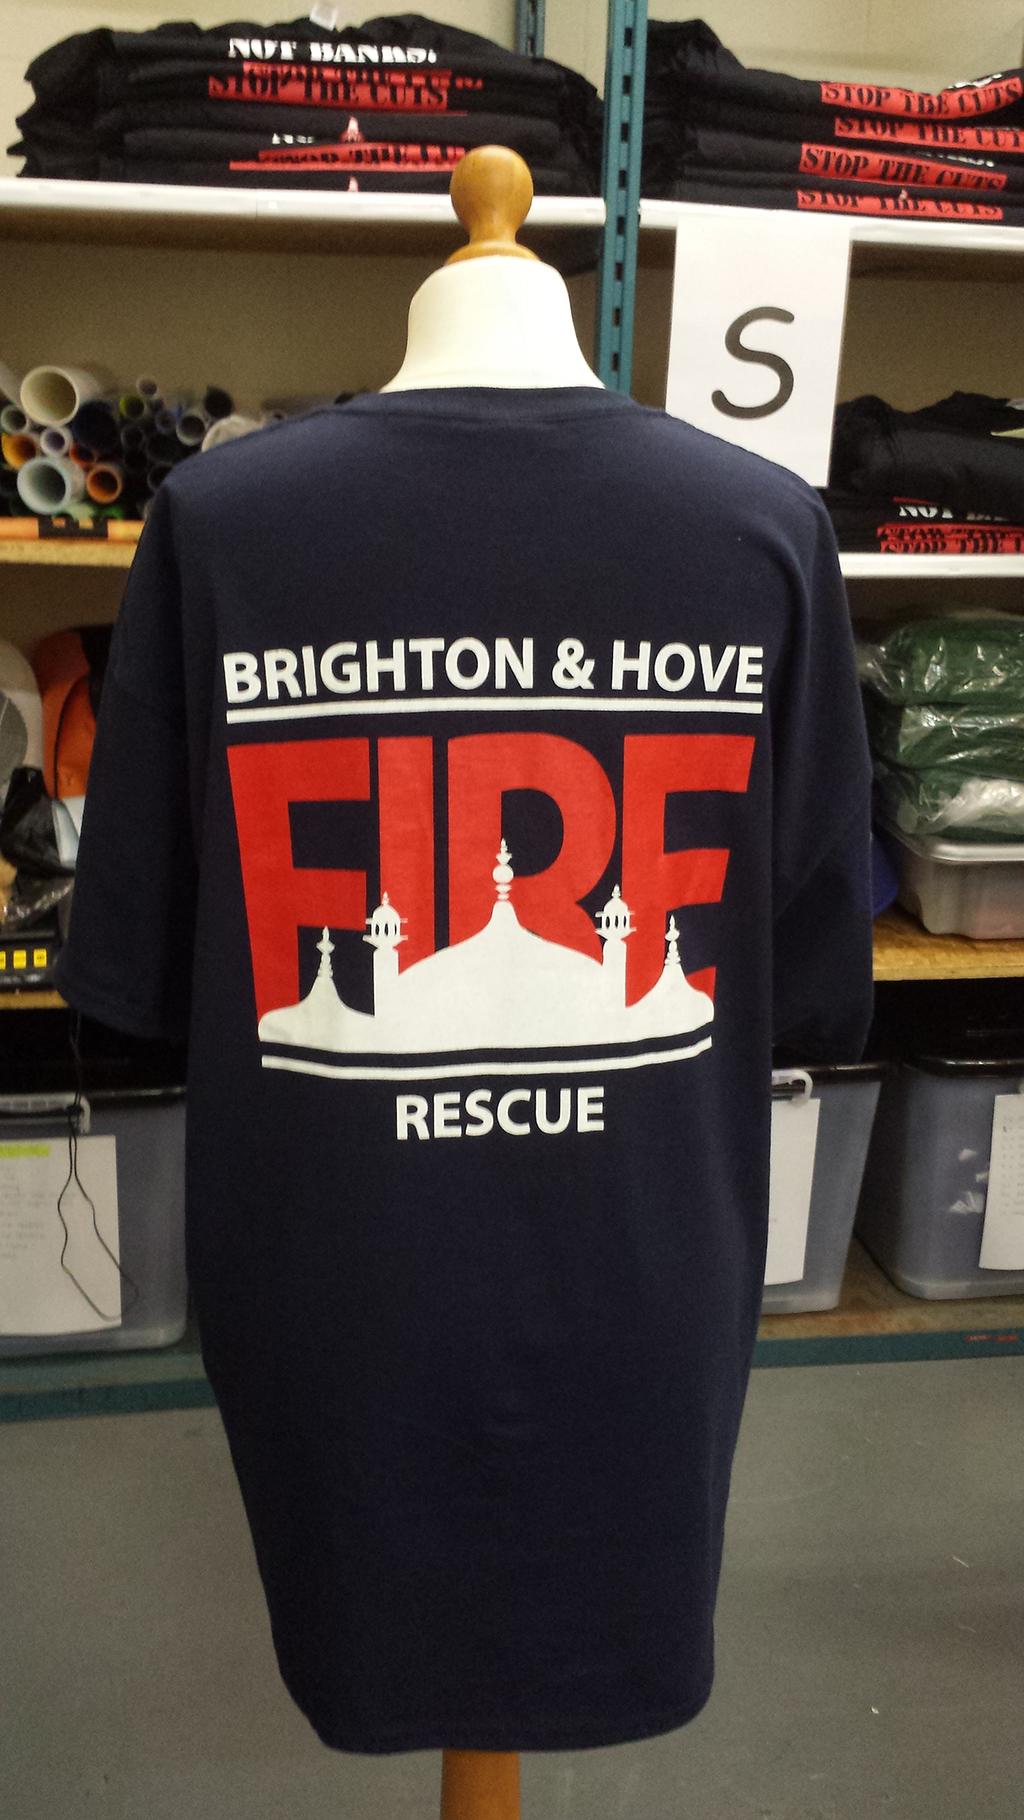 Brighton & Hove Fire